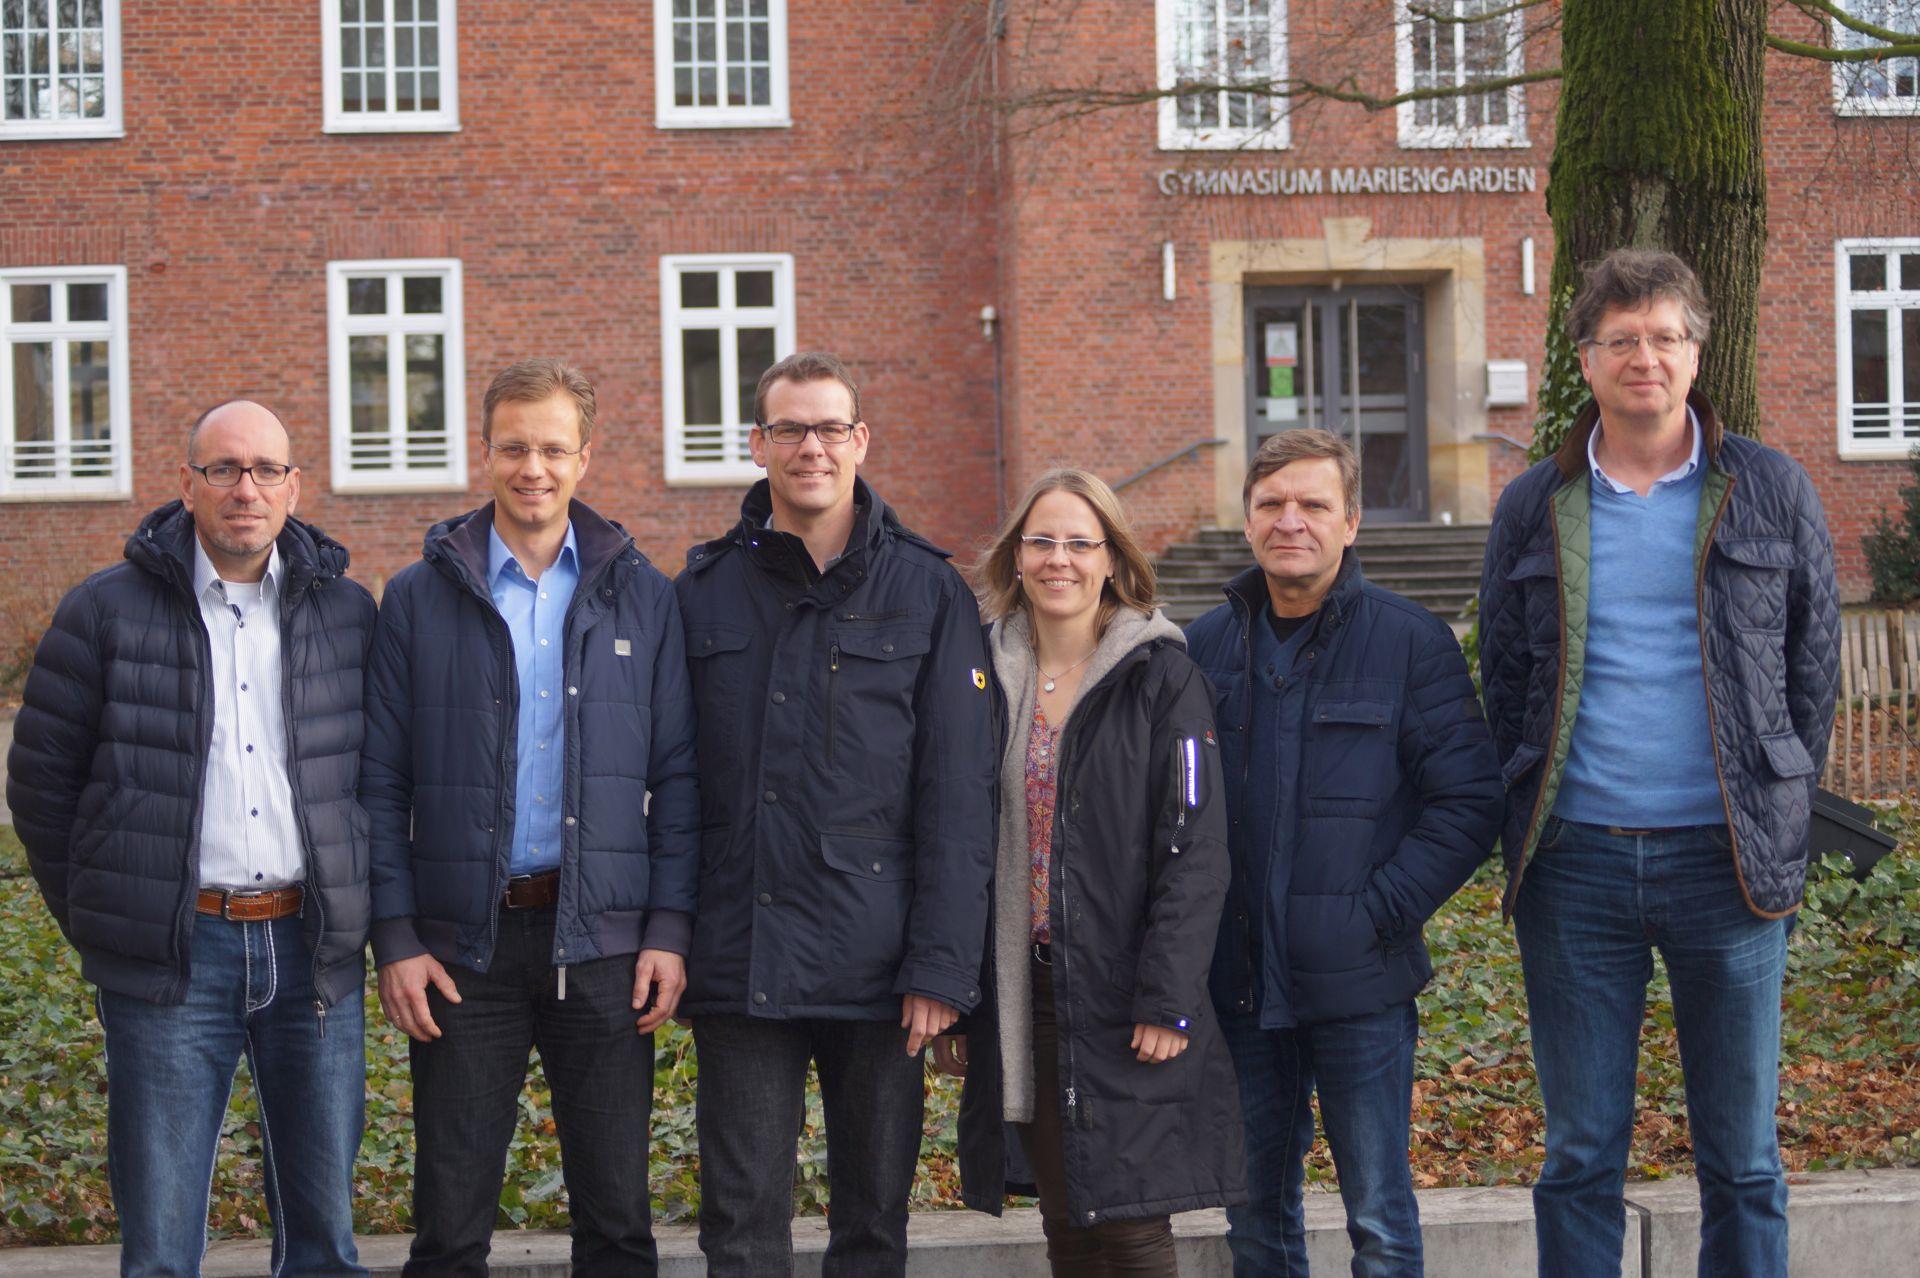 (v.l.n.r.) Martin Klinkenbusch (Beisitzer), Carsten Sühling (1.Vorsitzender), Christoph Kruse (Schriftführer), Ruth Glos (2.Vorsitzende), Leo Gormann (Beisitzer), Claus Franken (Kassenwart)